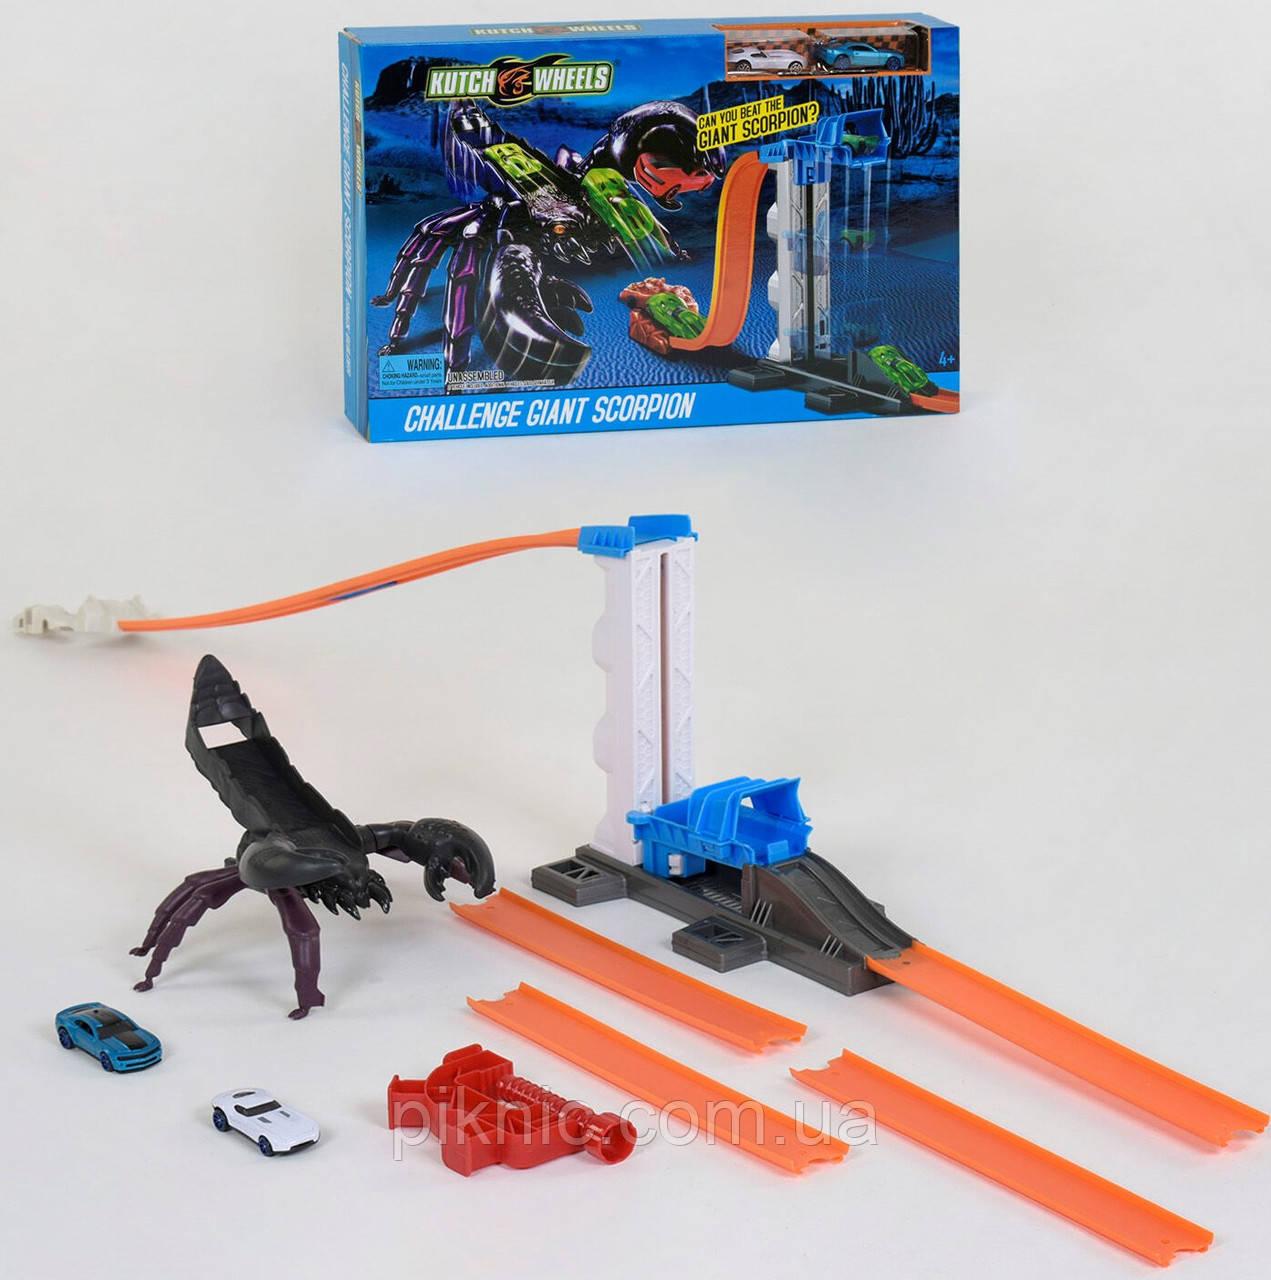 Автотрек Скорпион для детей. Детский авто трек гоночный с машинками